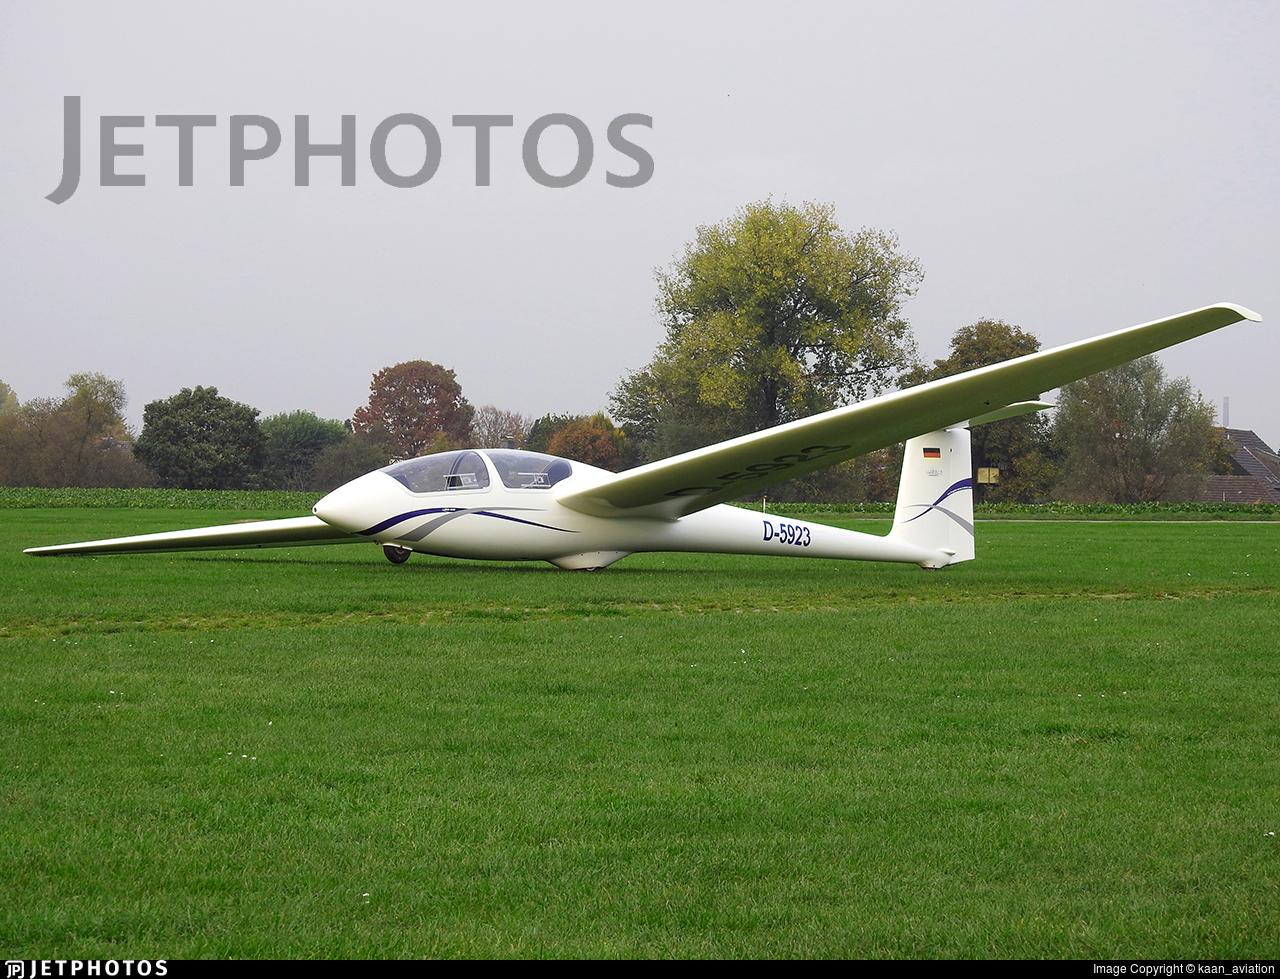 D-5923 - Schleicher ASK-21 - Private